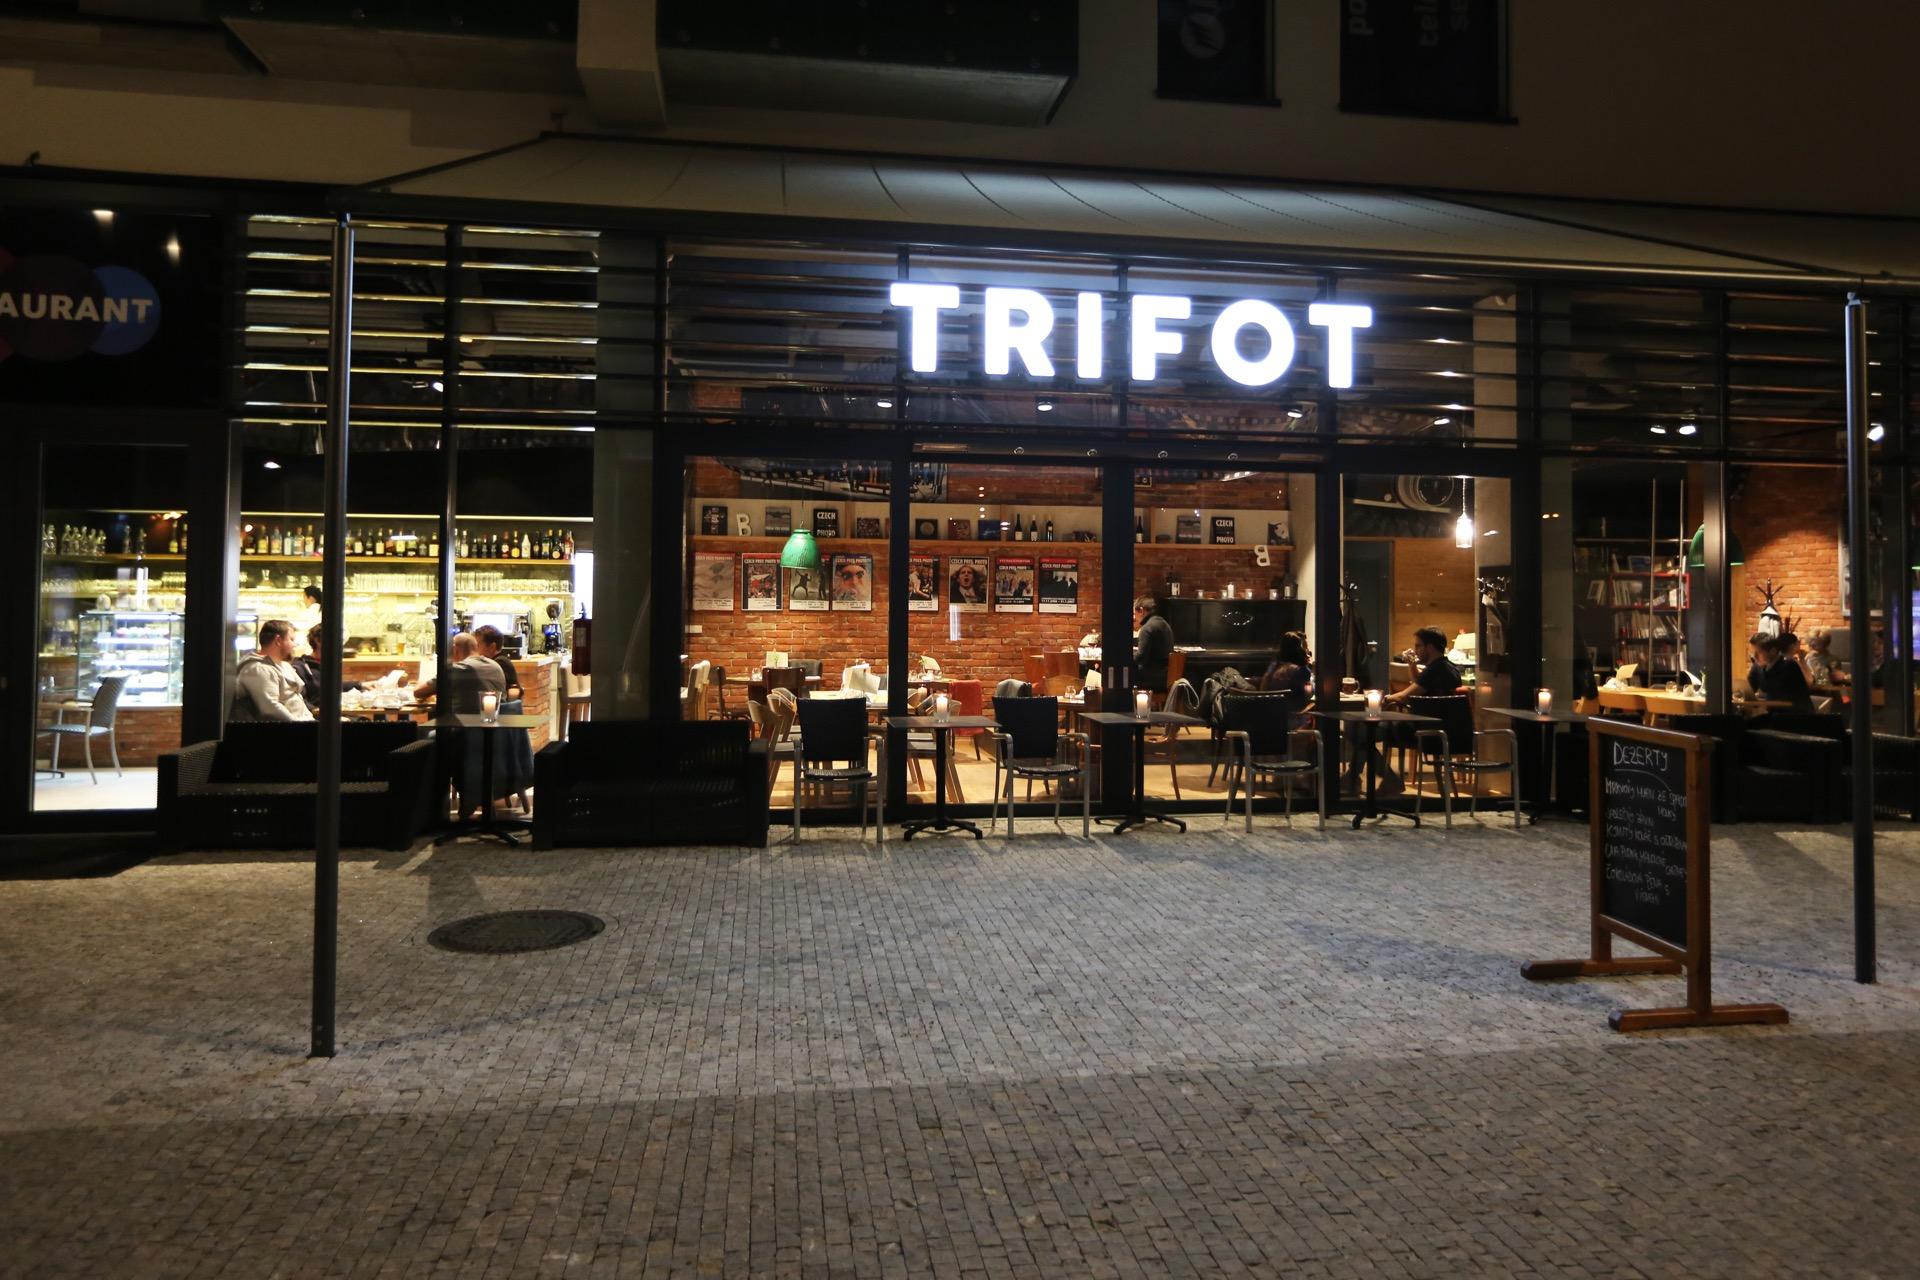 trifot1X8A0064.jpg